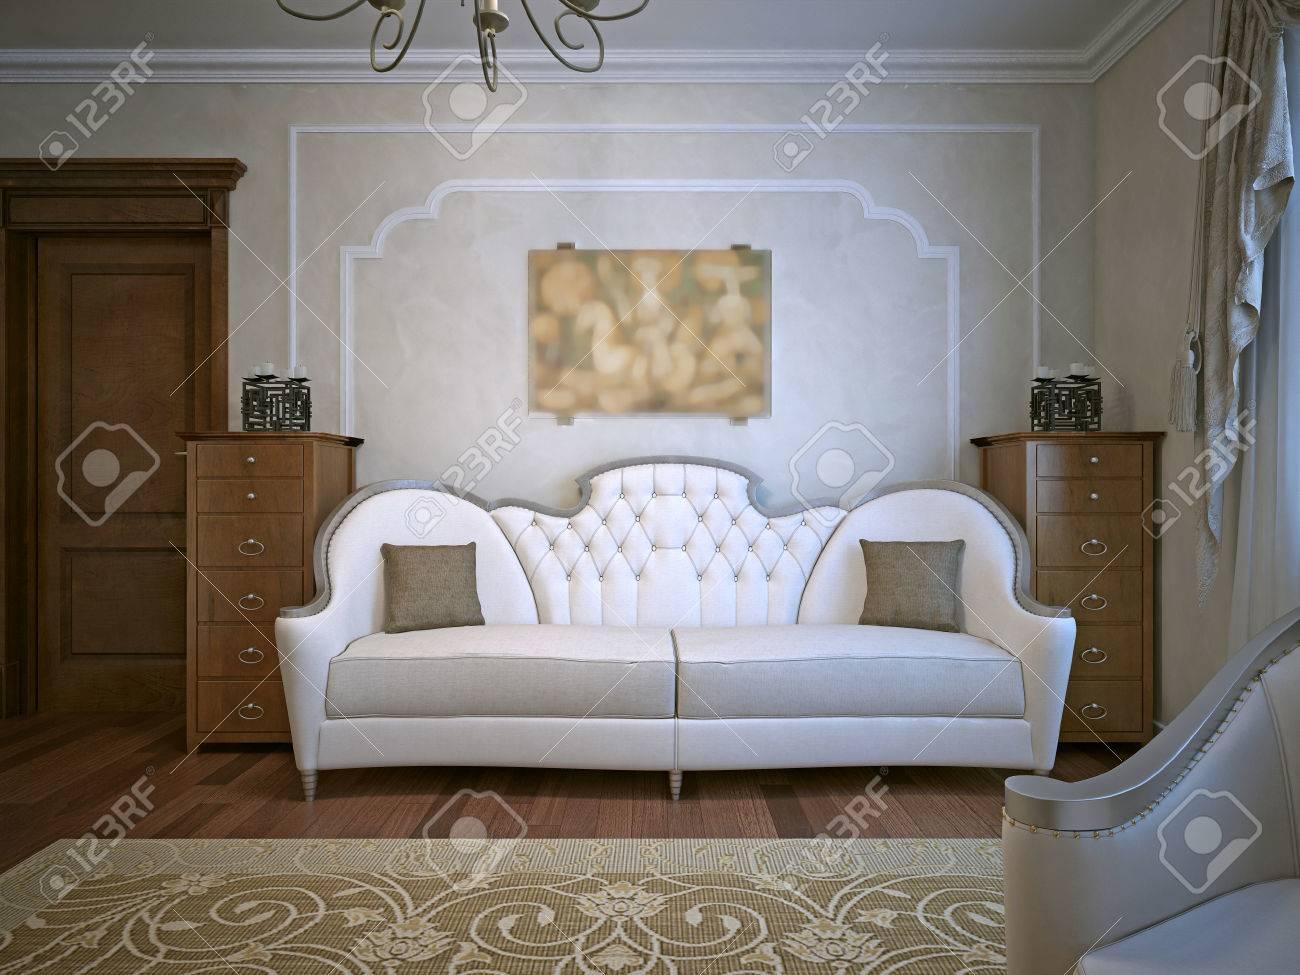 Wohnzimmer Mit Eichenmöbeln. Beige Tapeten 3D übertragen Lizenzfreie ...